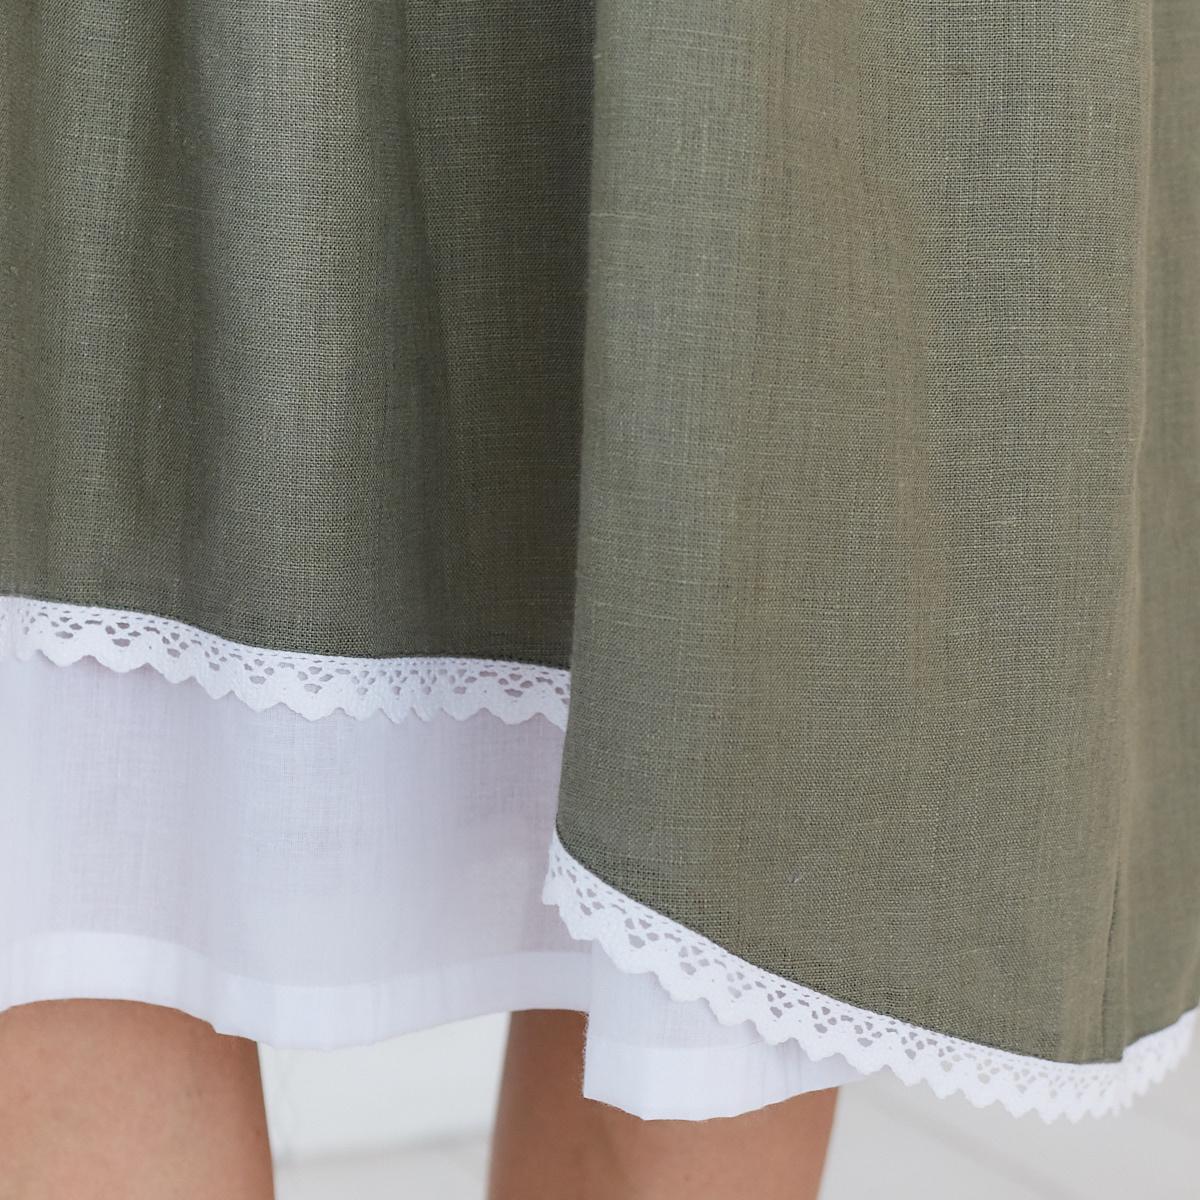 Платье женское льняное с хлопковым кружевом оливкового цвета - фото 6